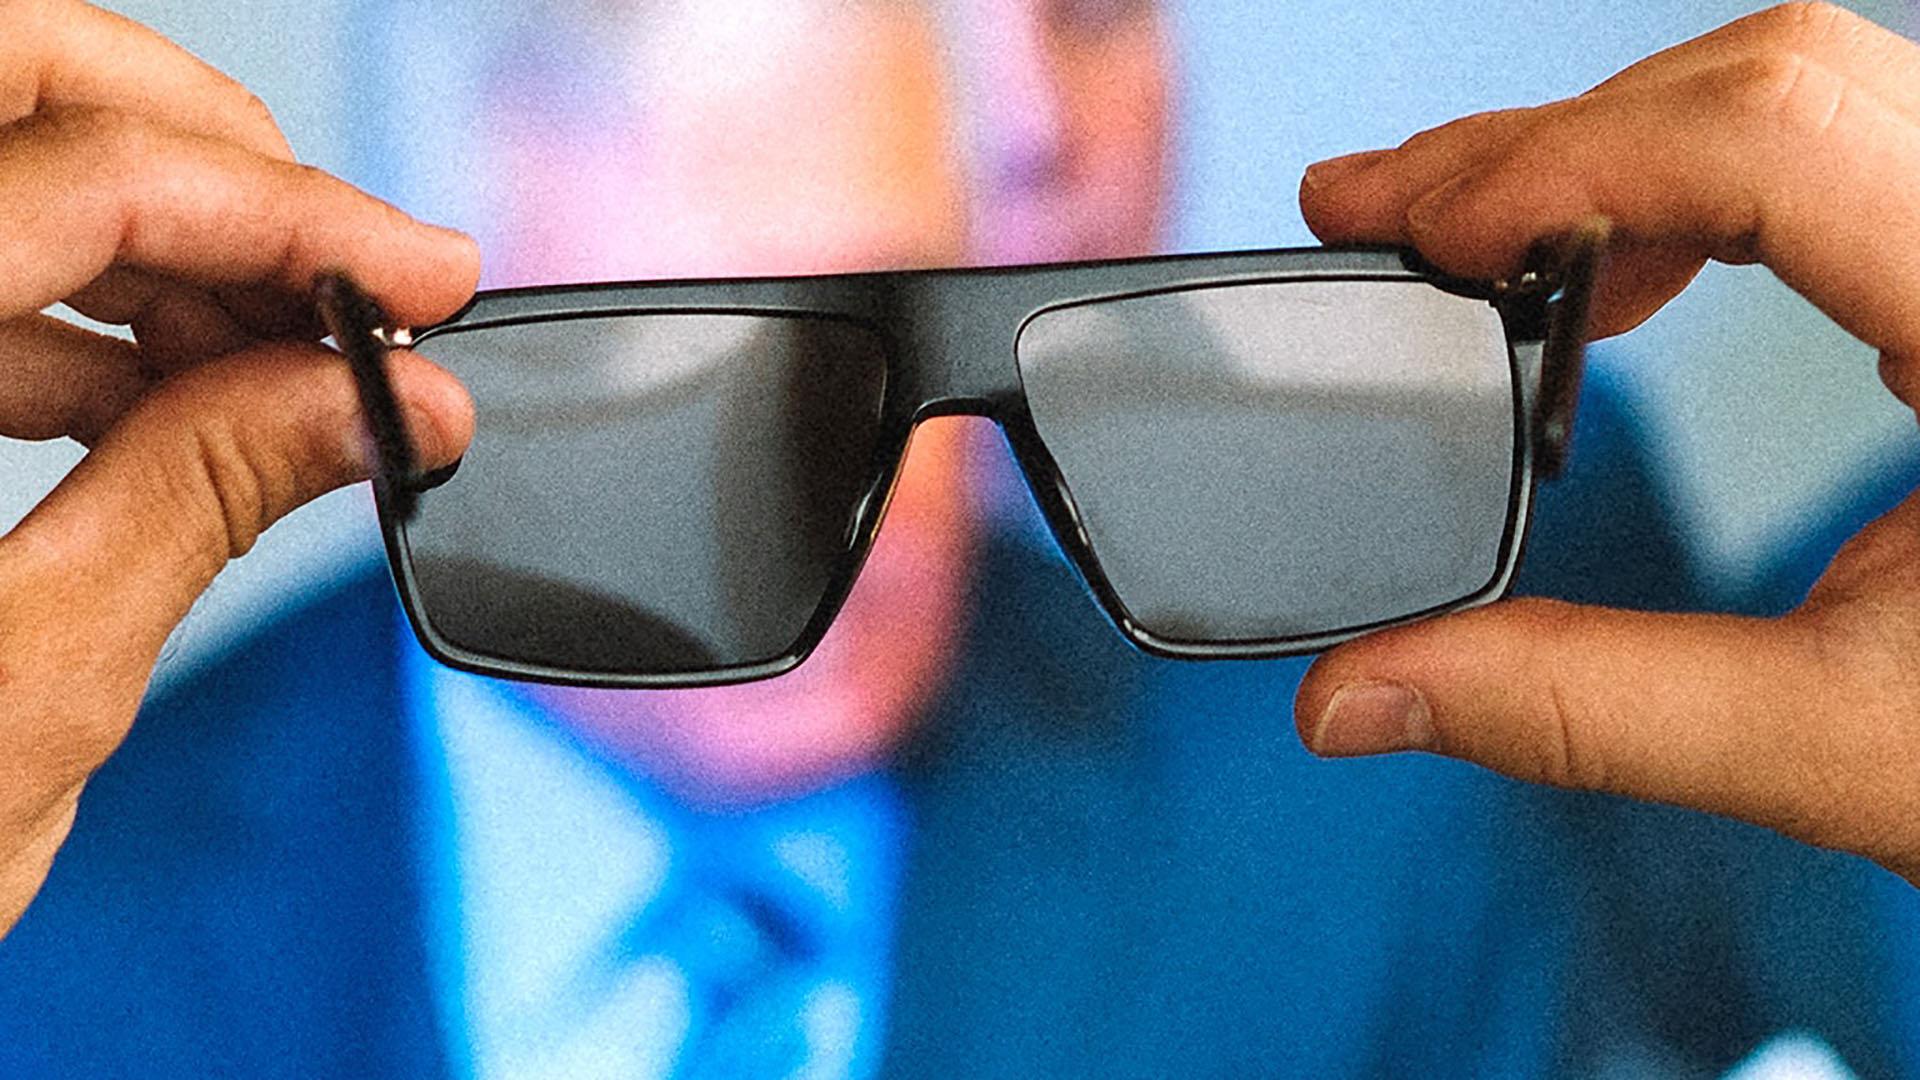 construction rationnelle vente au royaume uni limpide en vue Ces lunettes fonctionnent comme un adblocker IRL - Tech ...